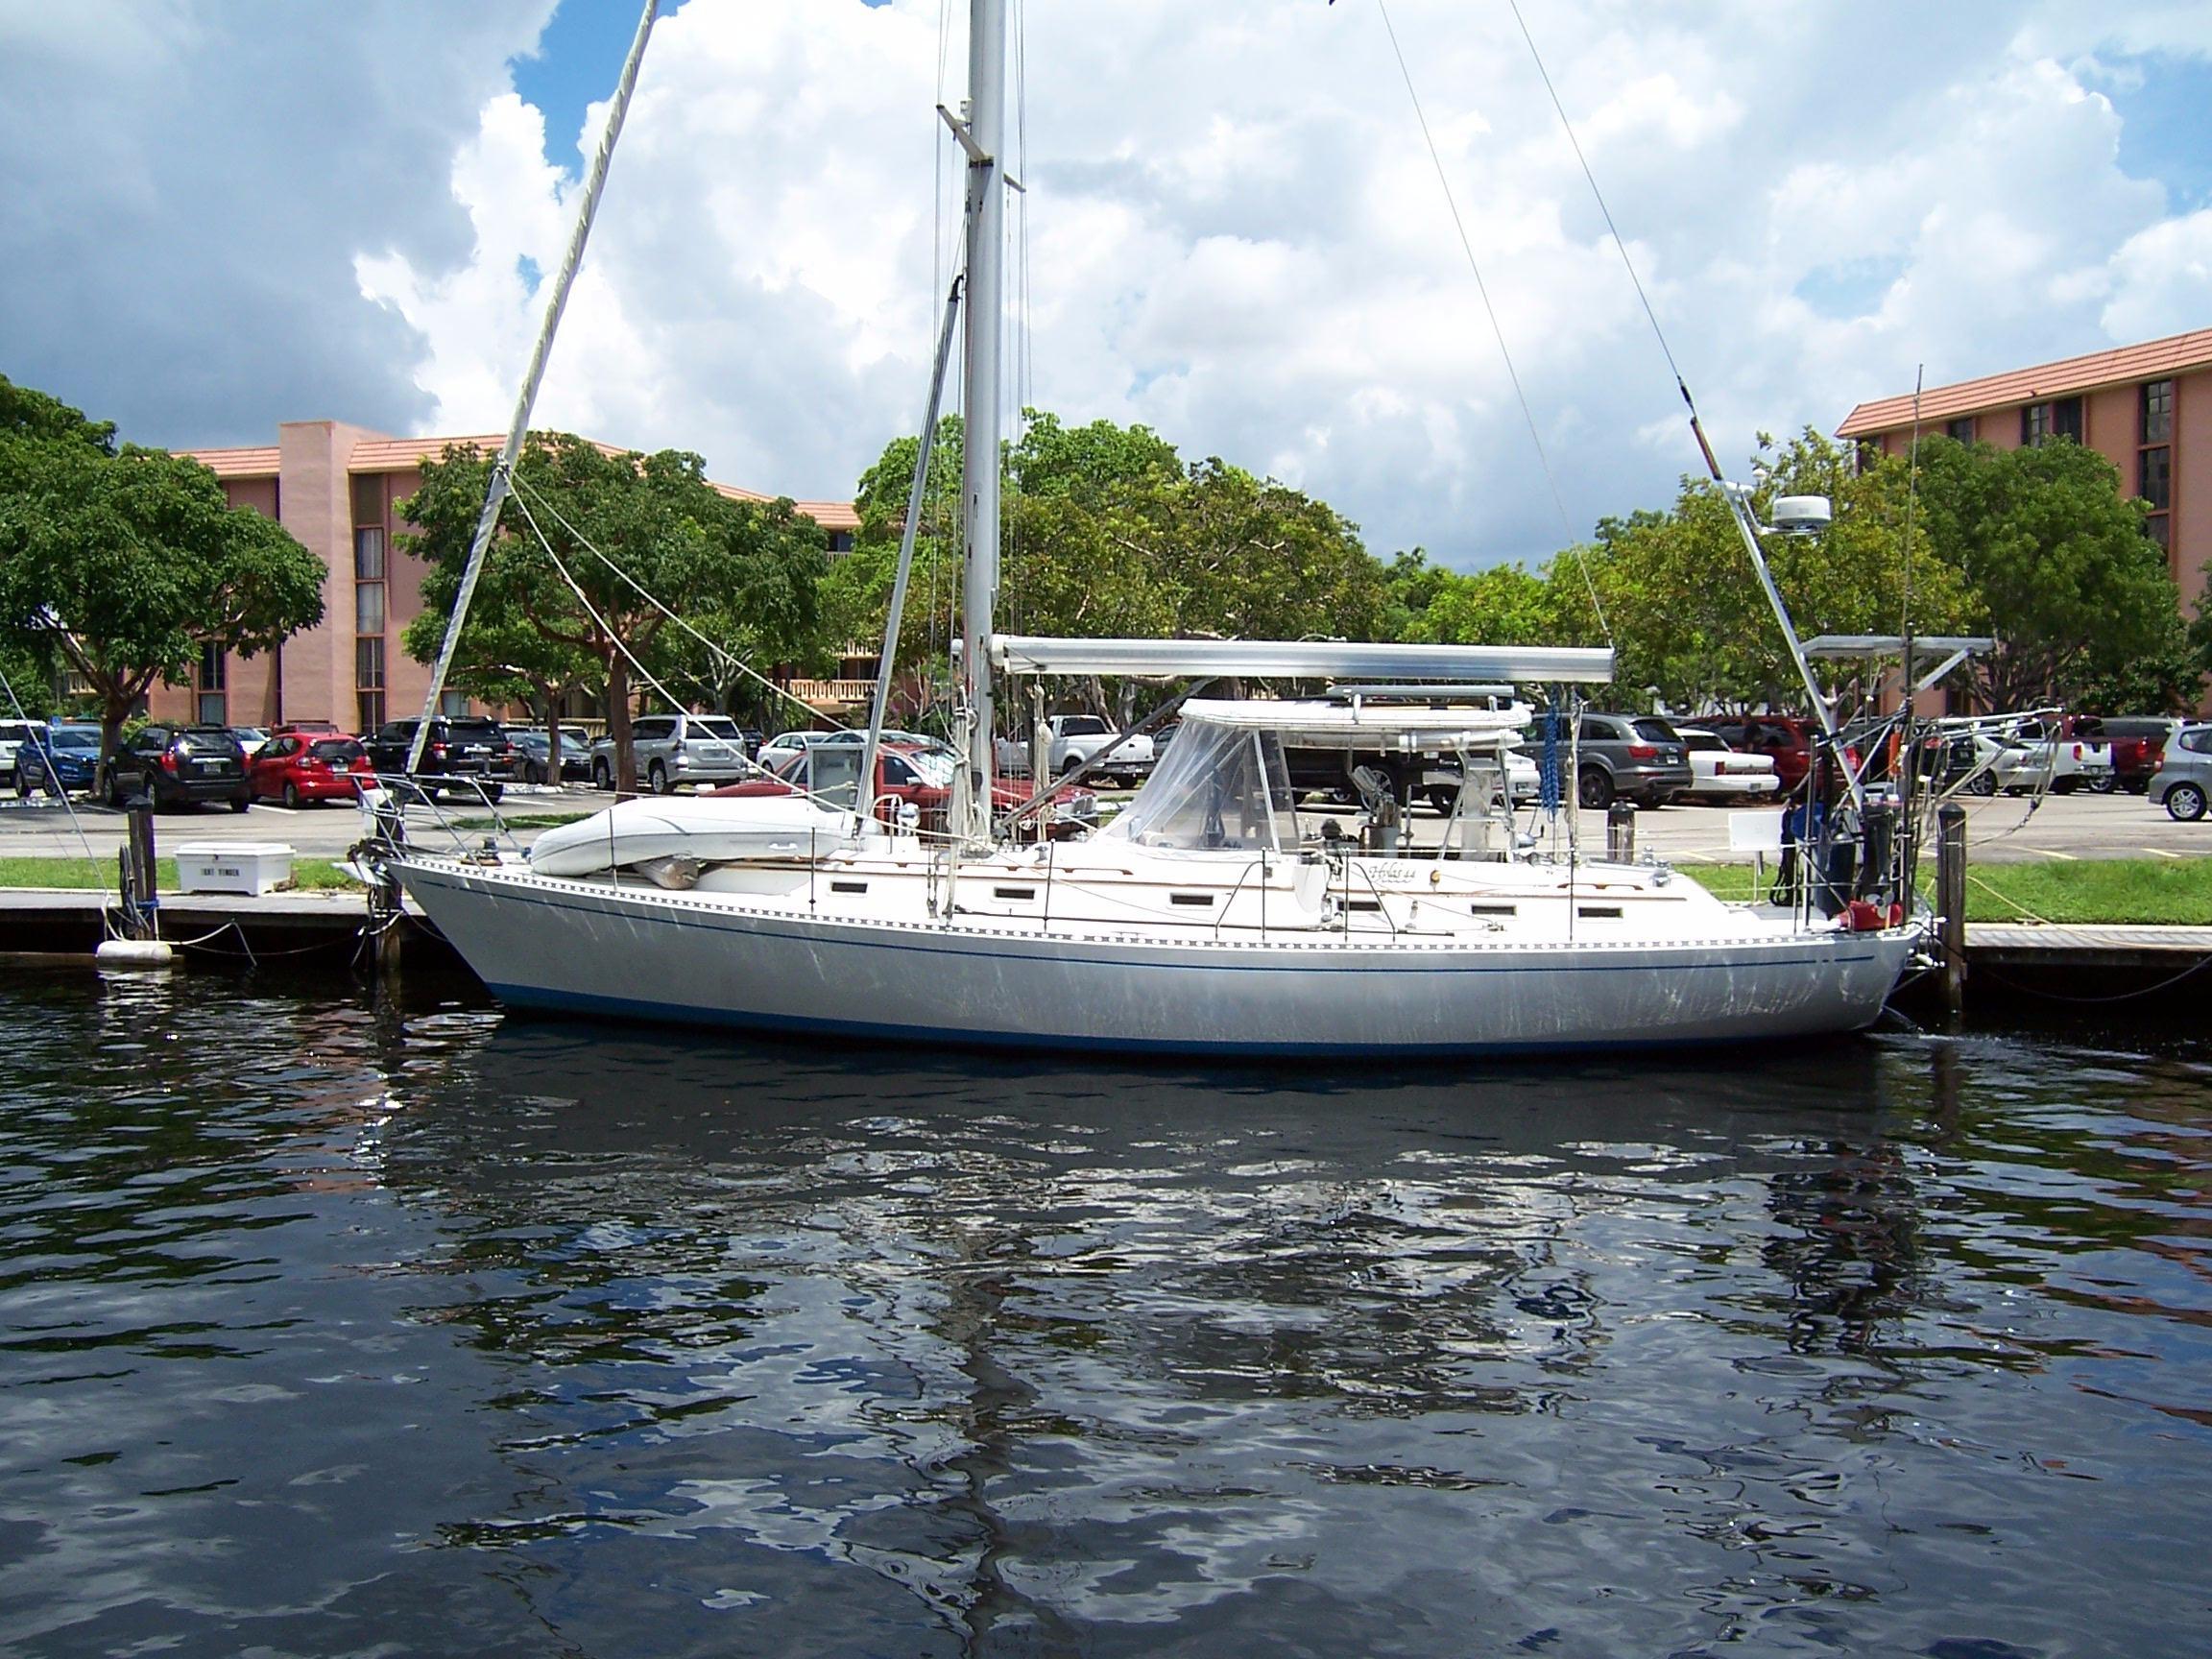 1987 Hylas 44 Center Cockpit Sloop Sail Boat For Sale